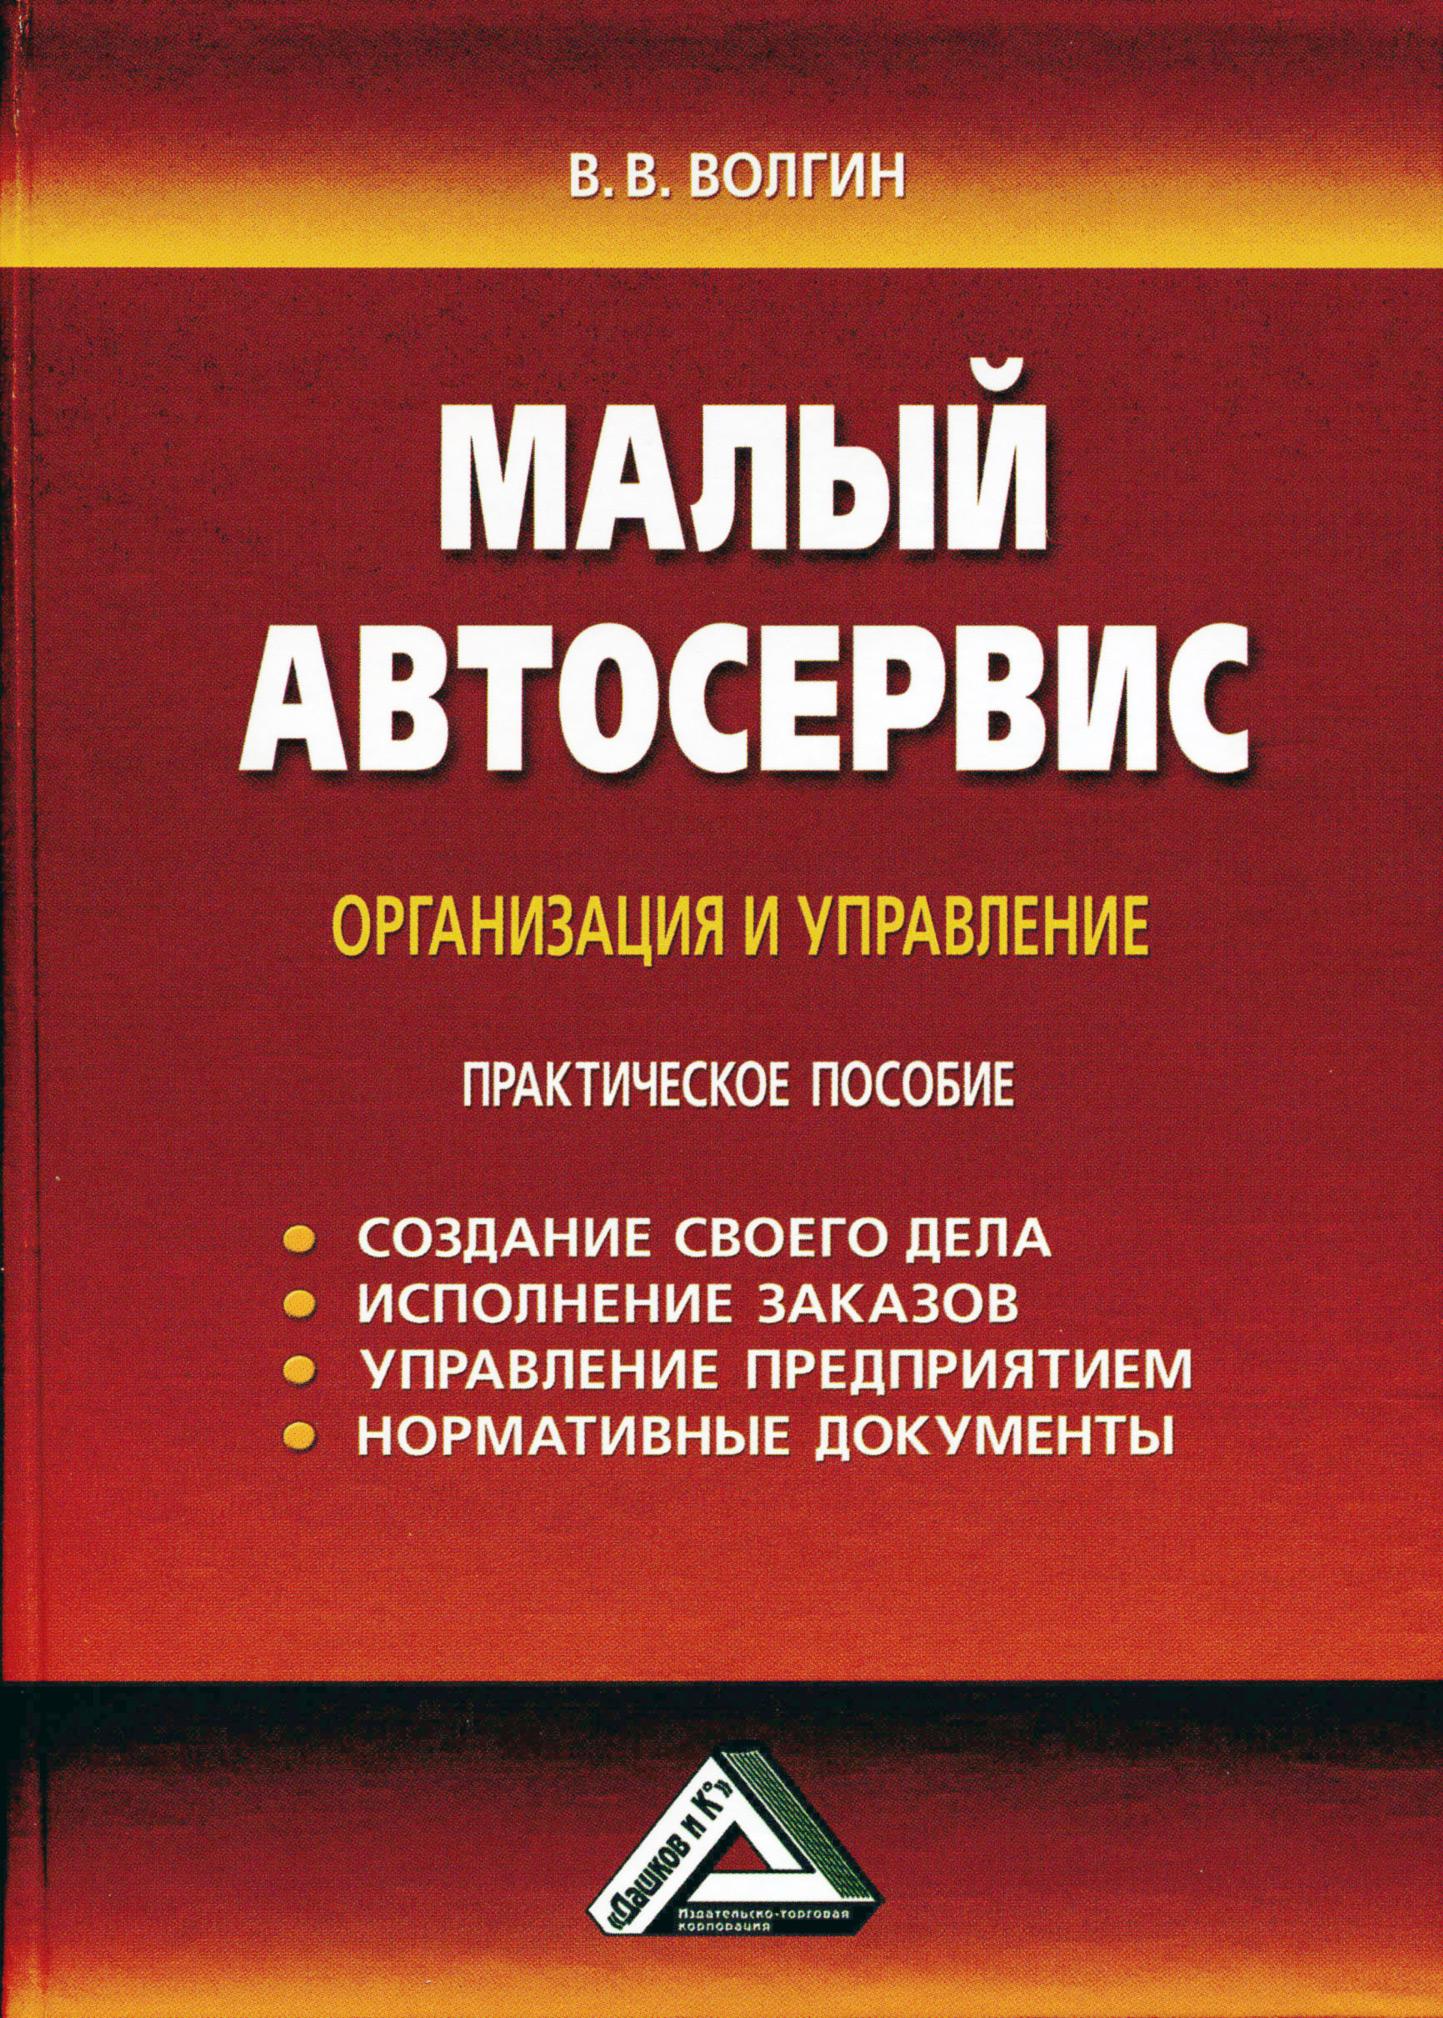 фото обложки издания Малый автосервис: Практическое пособие